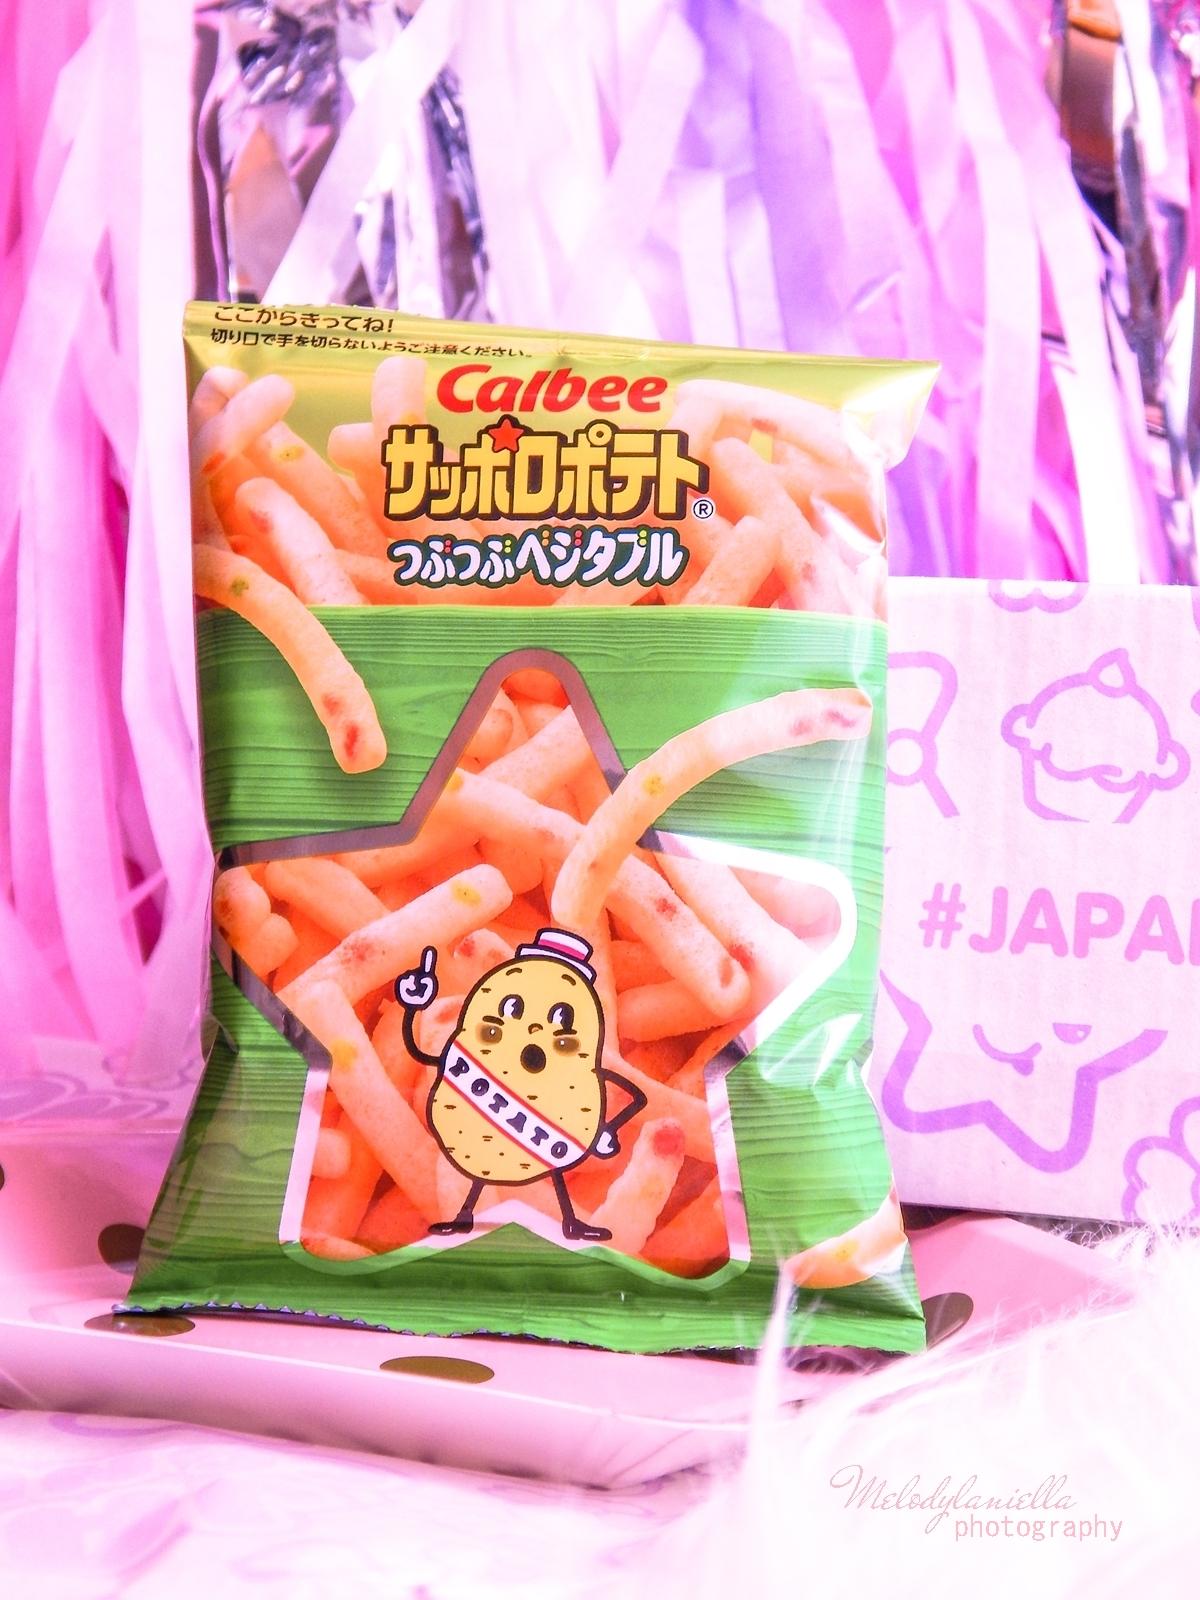 3 melodylaniella photography partybox japan candy box pudełko pełne słodkości z japonii azjatyckie słodycze ciekawe jedzenie z japonii cukierki z azji boxy z jedzeniem calbee sapporo vegetable fries